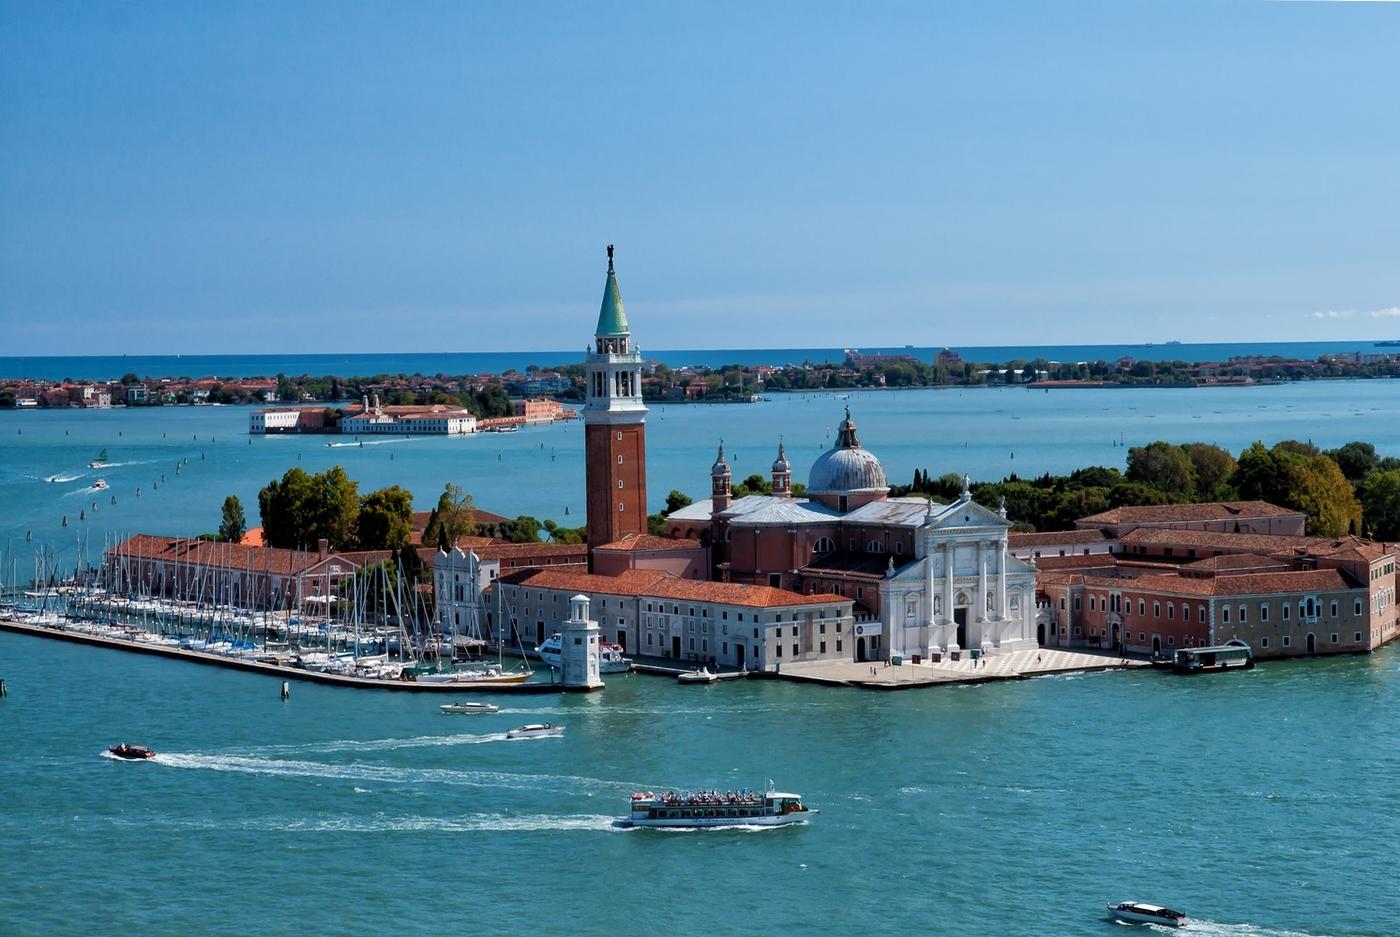 На дні Венеційської лагуни ймовірно знаходиться давньоримська дорога